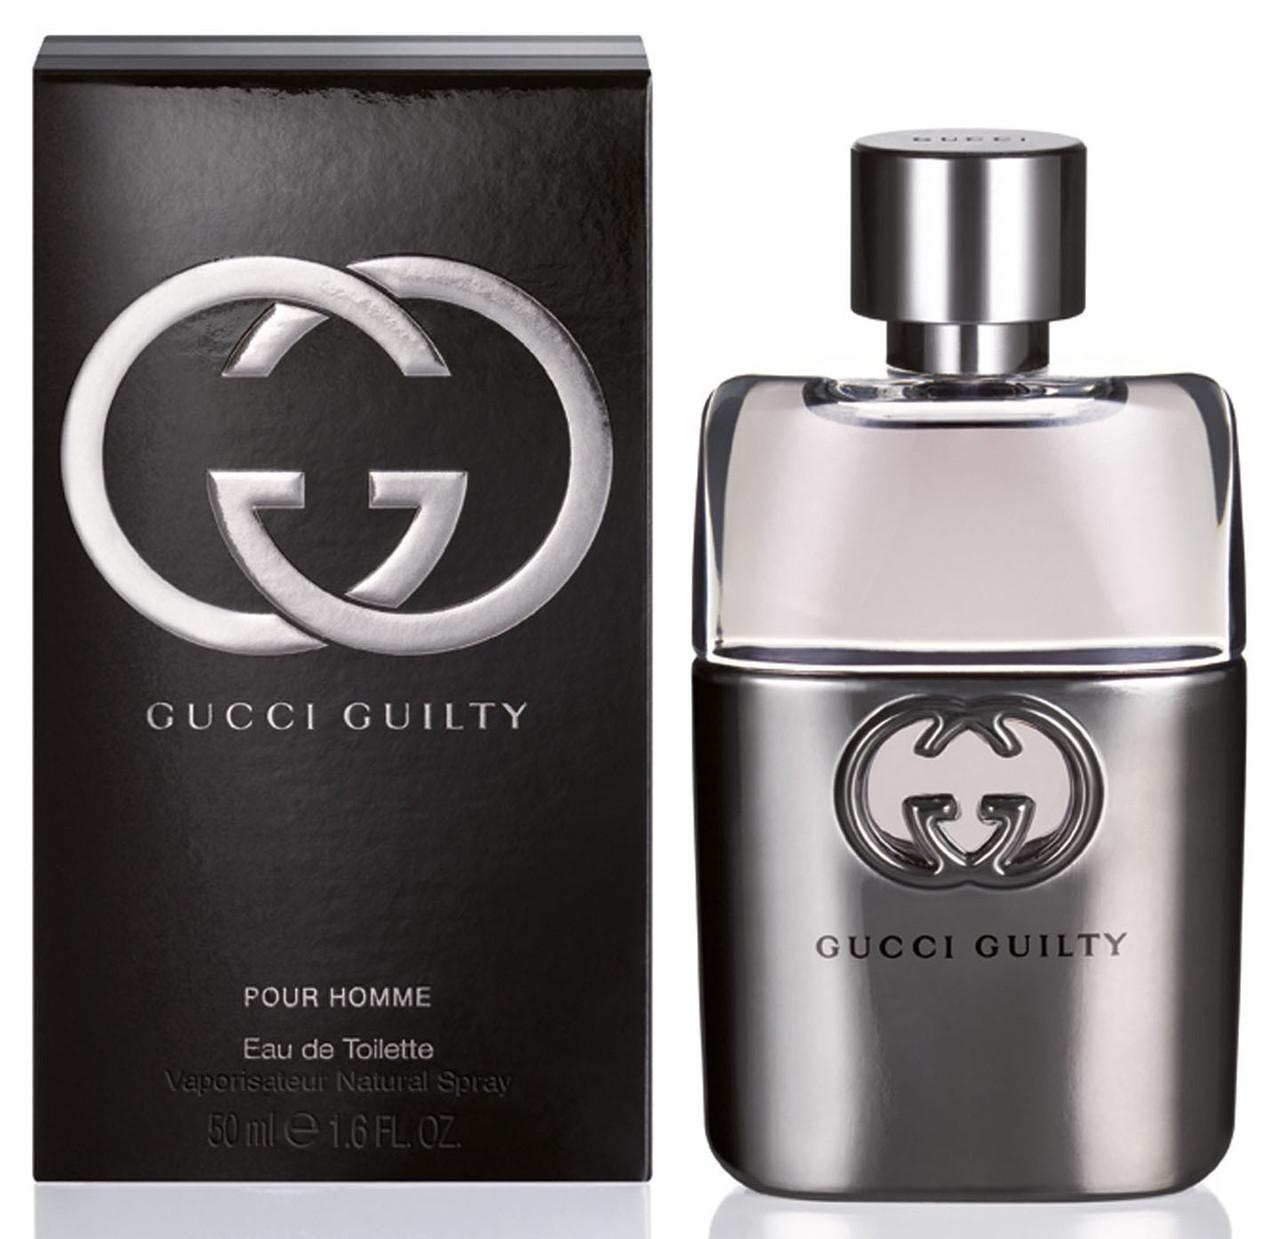 Духи мужские Gucci Guilty pour Homme ( Гуччи Гилти Пьюр хоум)